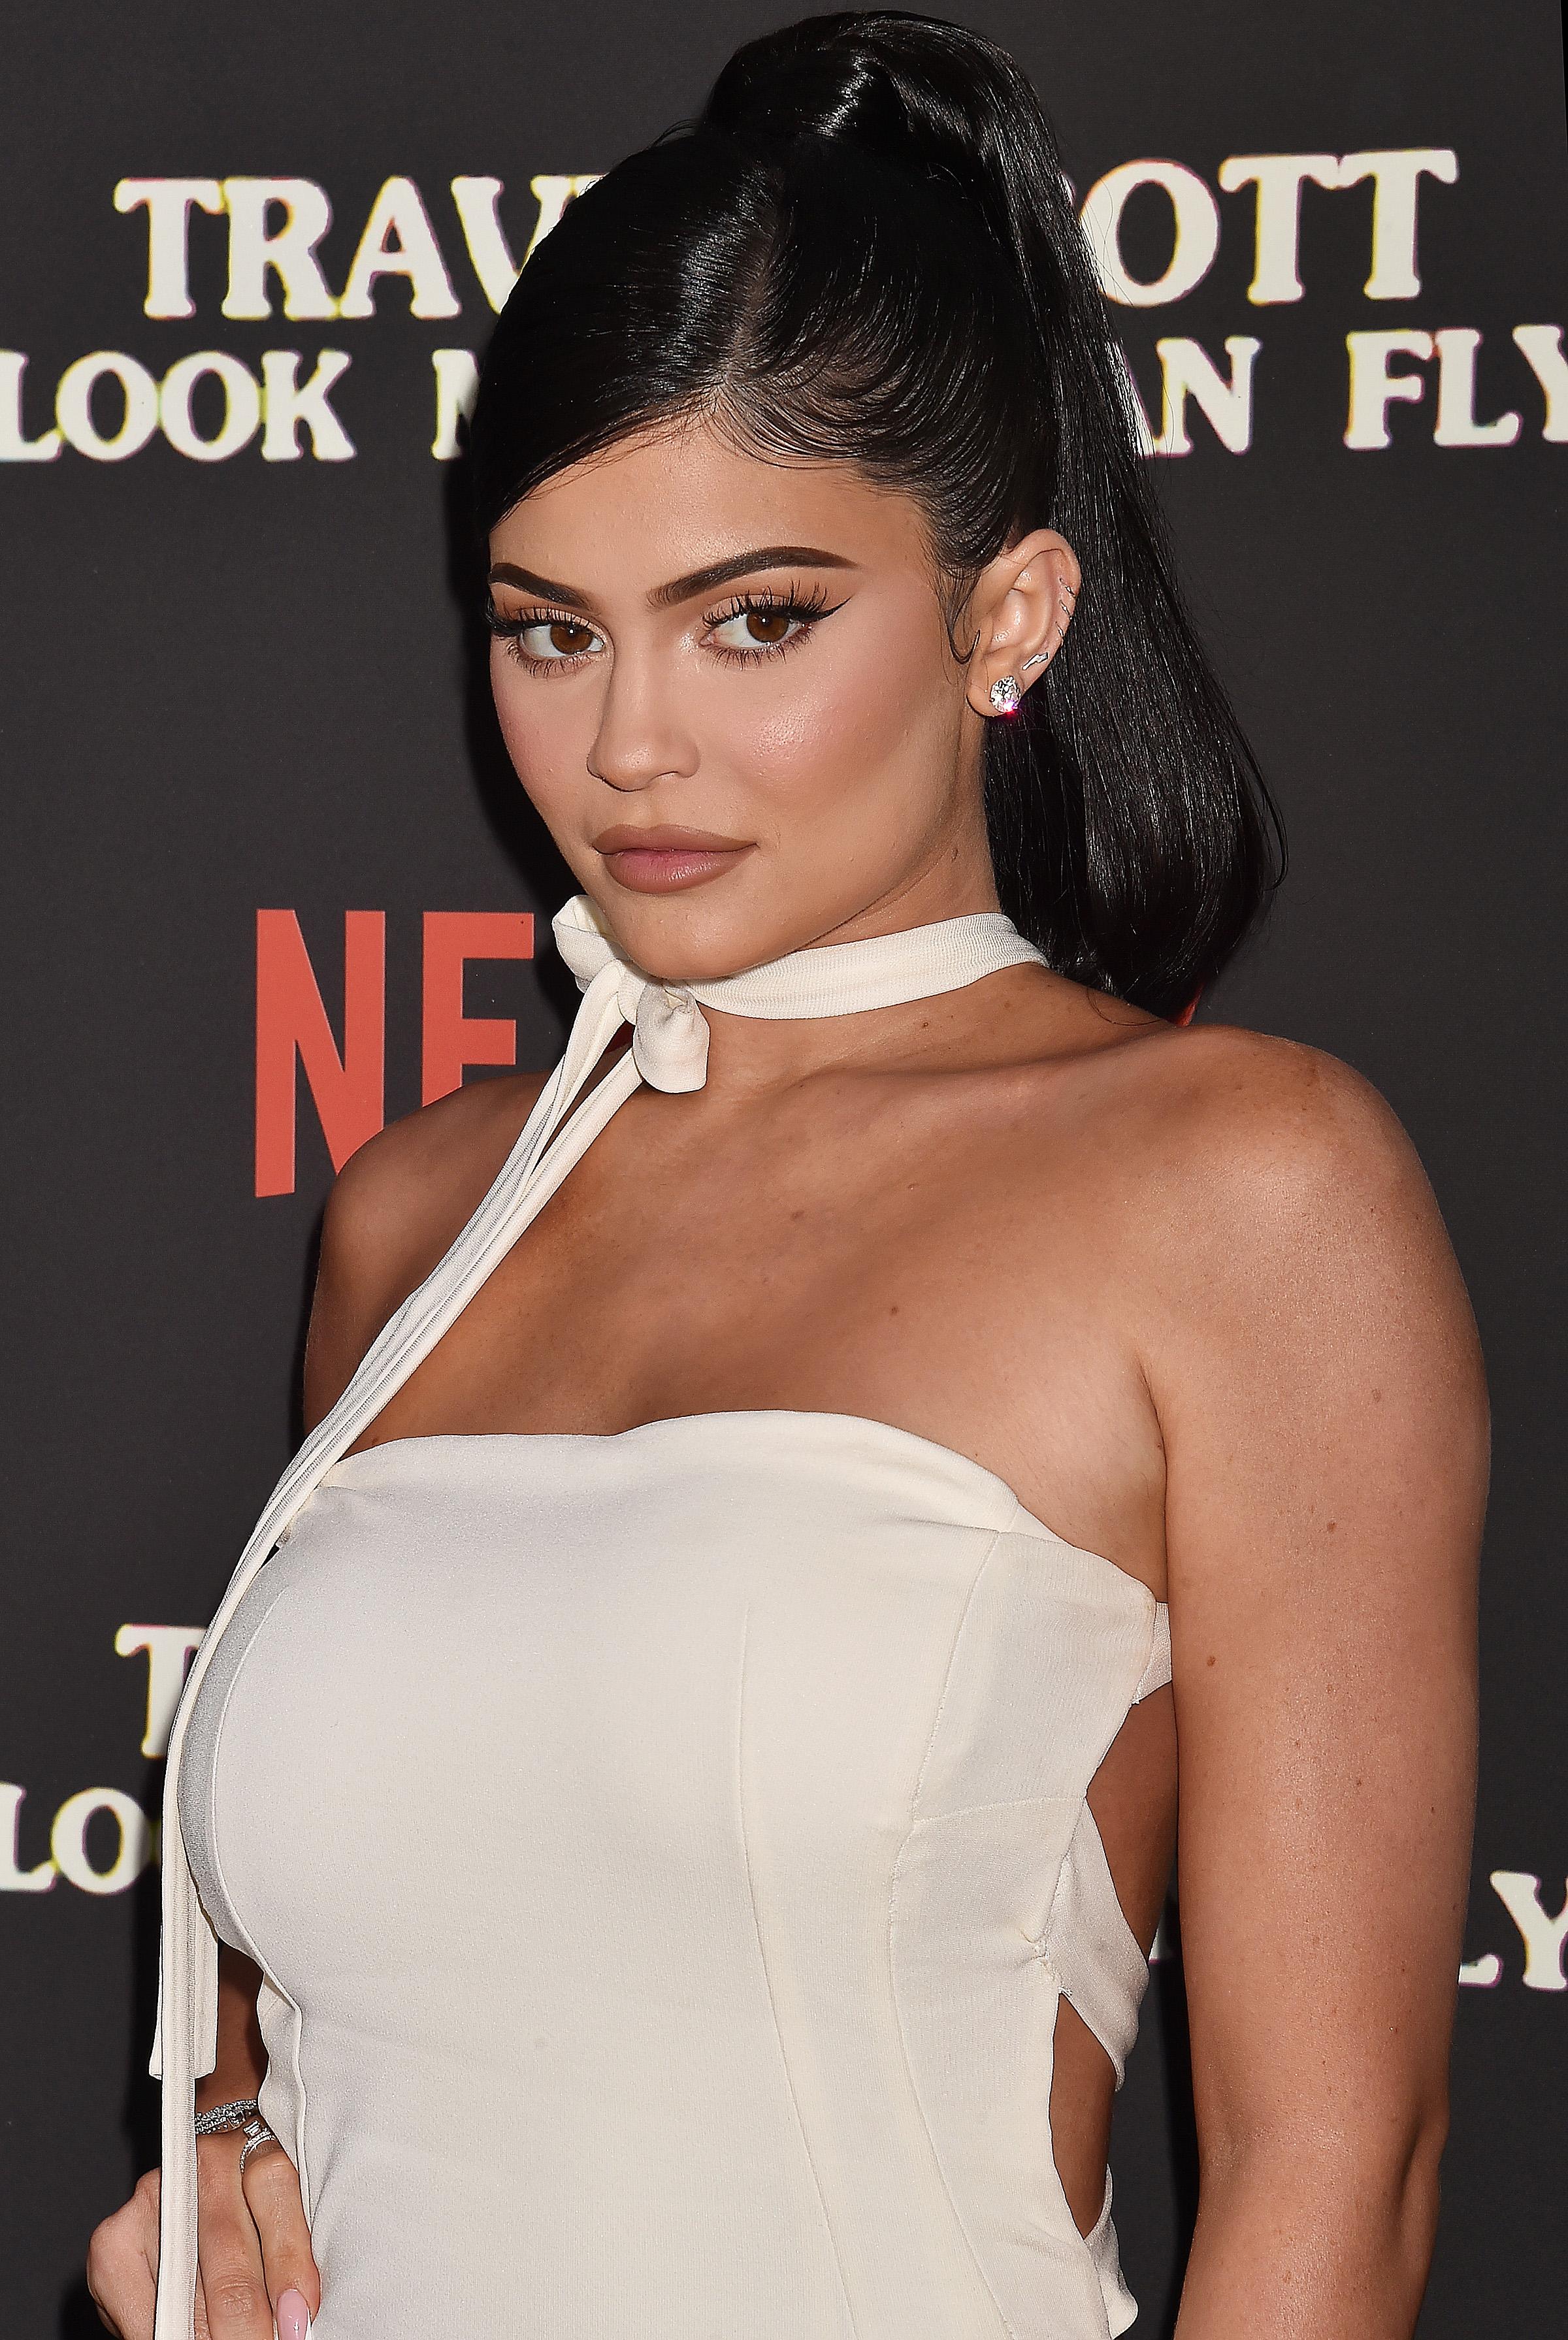 Η Kylie Jenner άλλαξε για εξηκοστή φορά τα μαλλιά της! Πώς λες να τα έκανε;